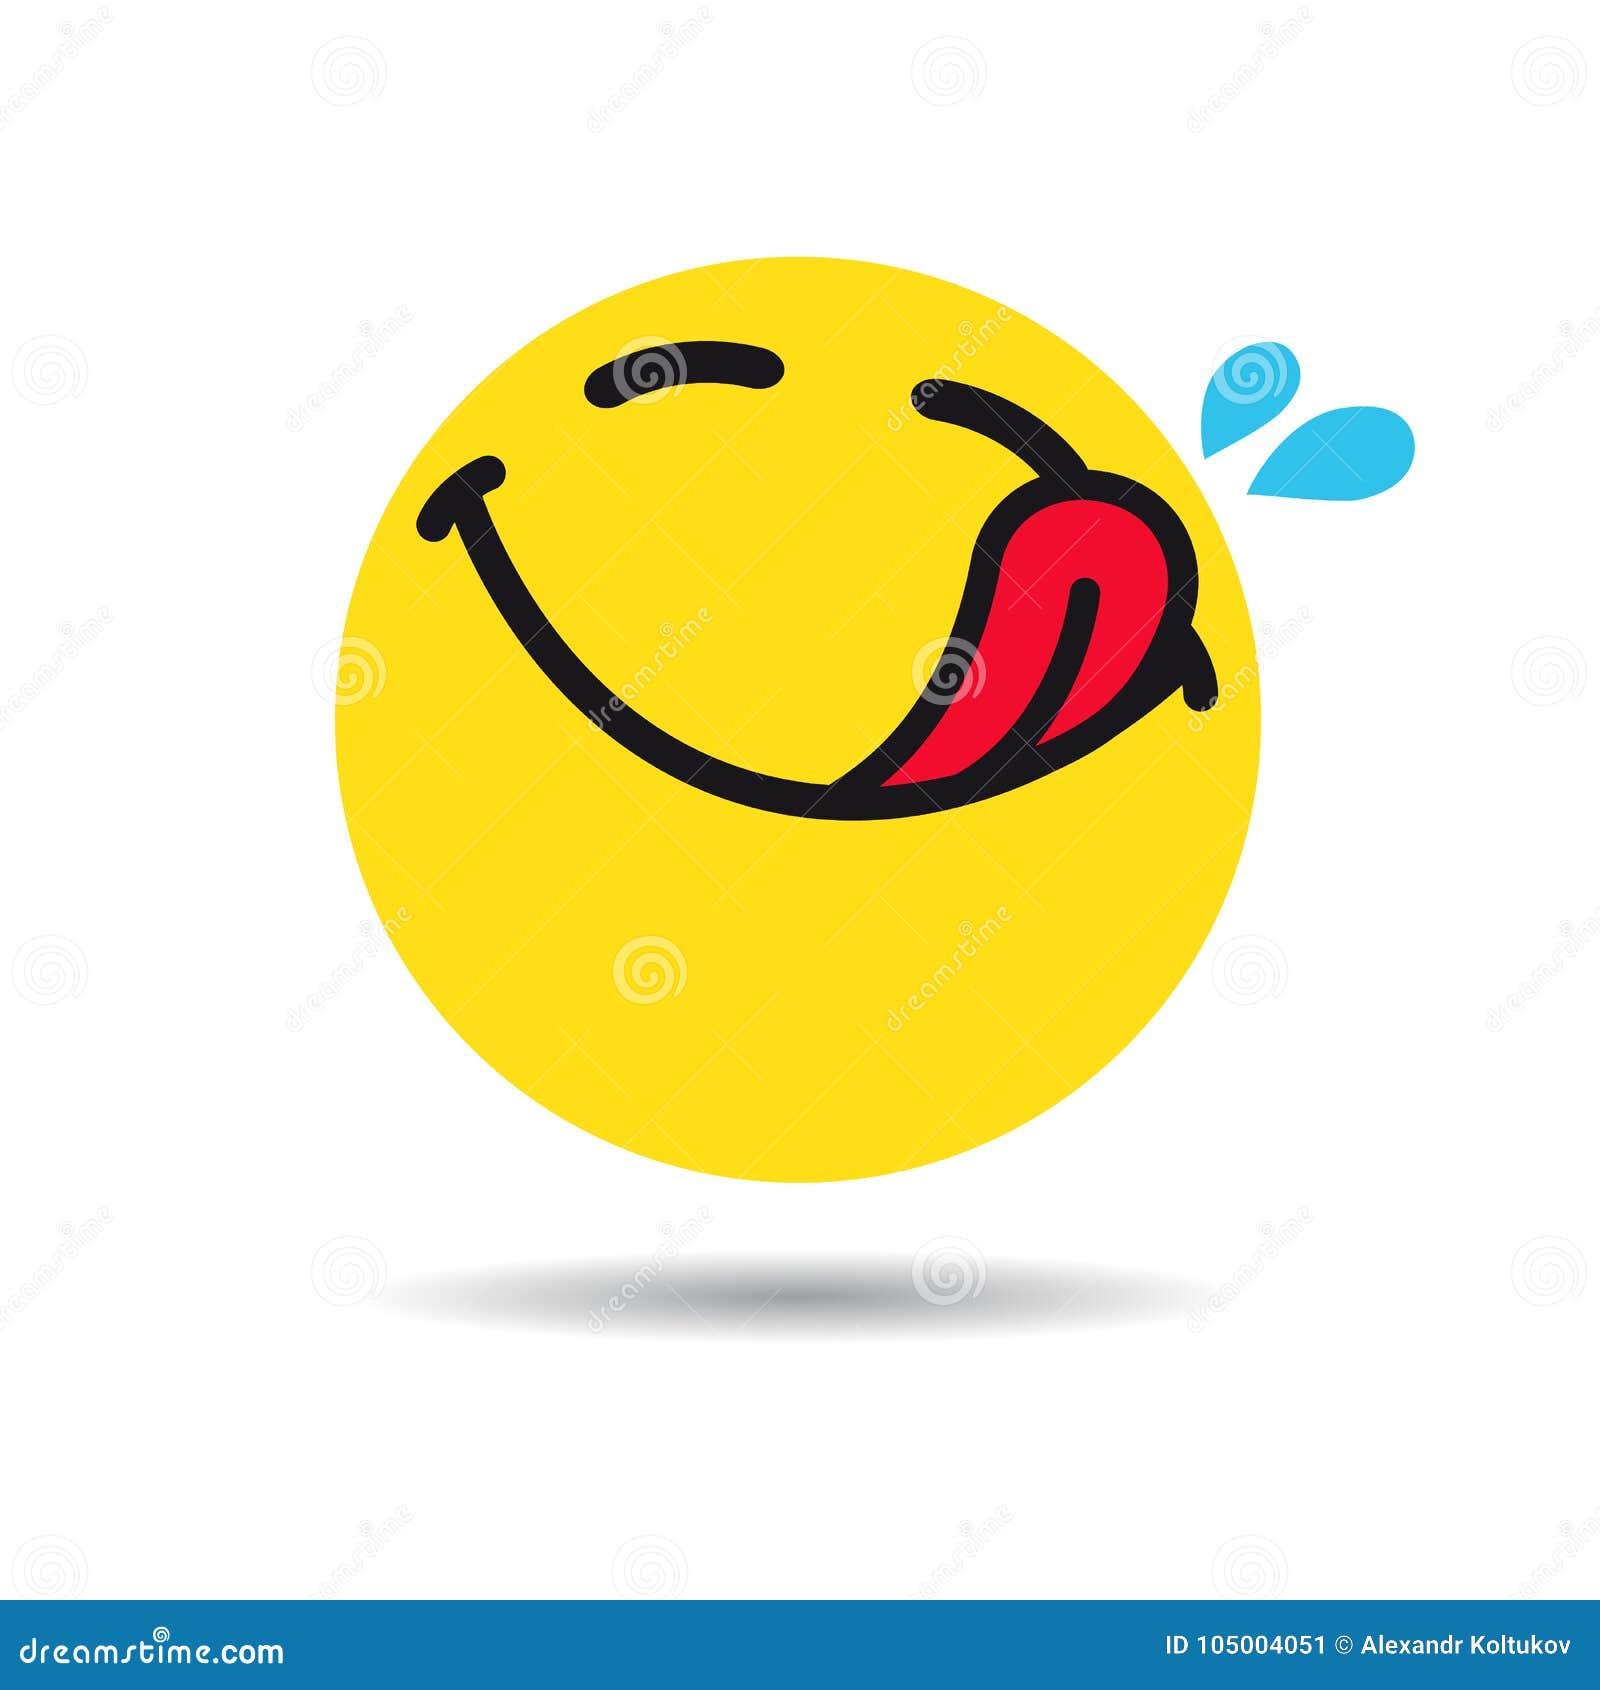 Hungry emoticon or emoji symbol stock vector illustration of hungry emoticon or emoji symbol biocorpaavc Gallery